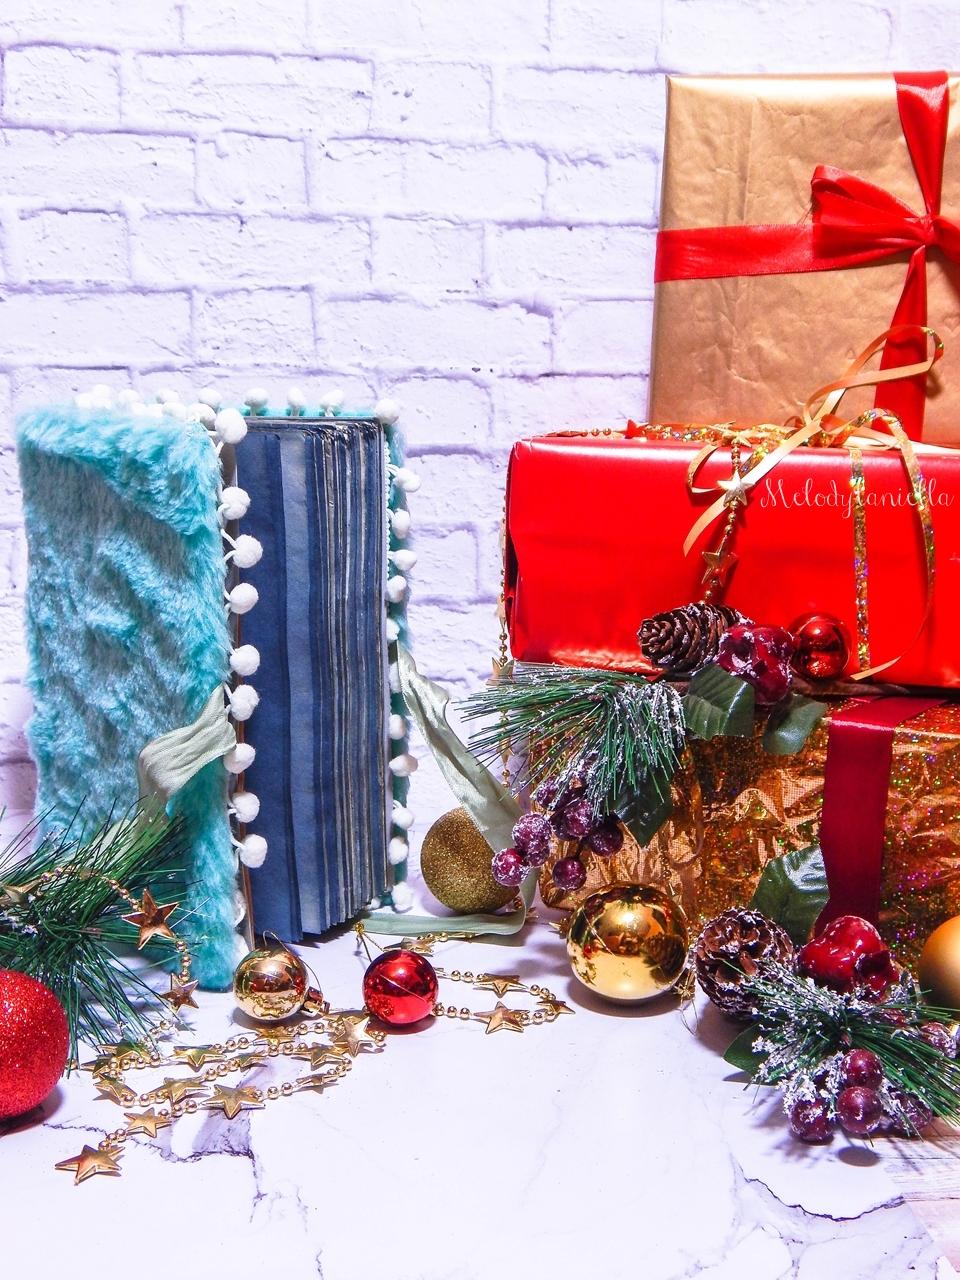 3 gabridu ręcznie robione notesy notatniki kalendarze pomysł na przent diy święta jak zrobić notatnik co kupić na przent, prezenty świąteczne 2017 pomysły inspiracje podpowiedzi